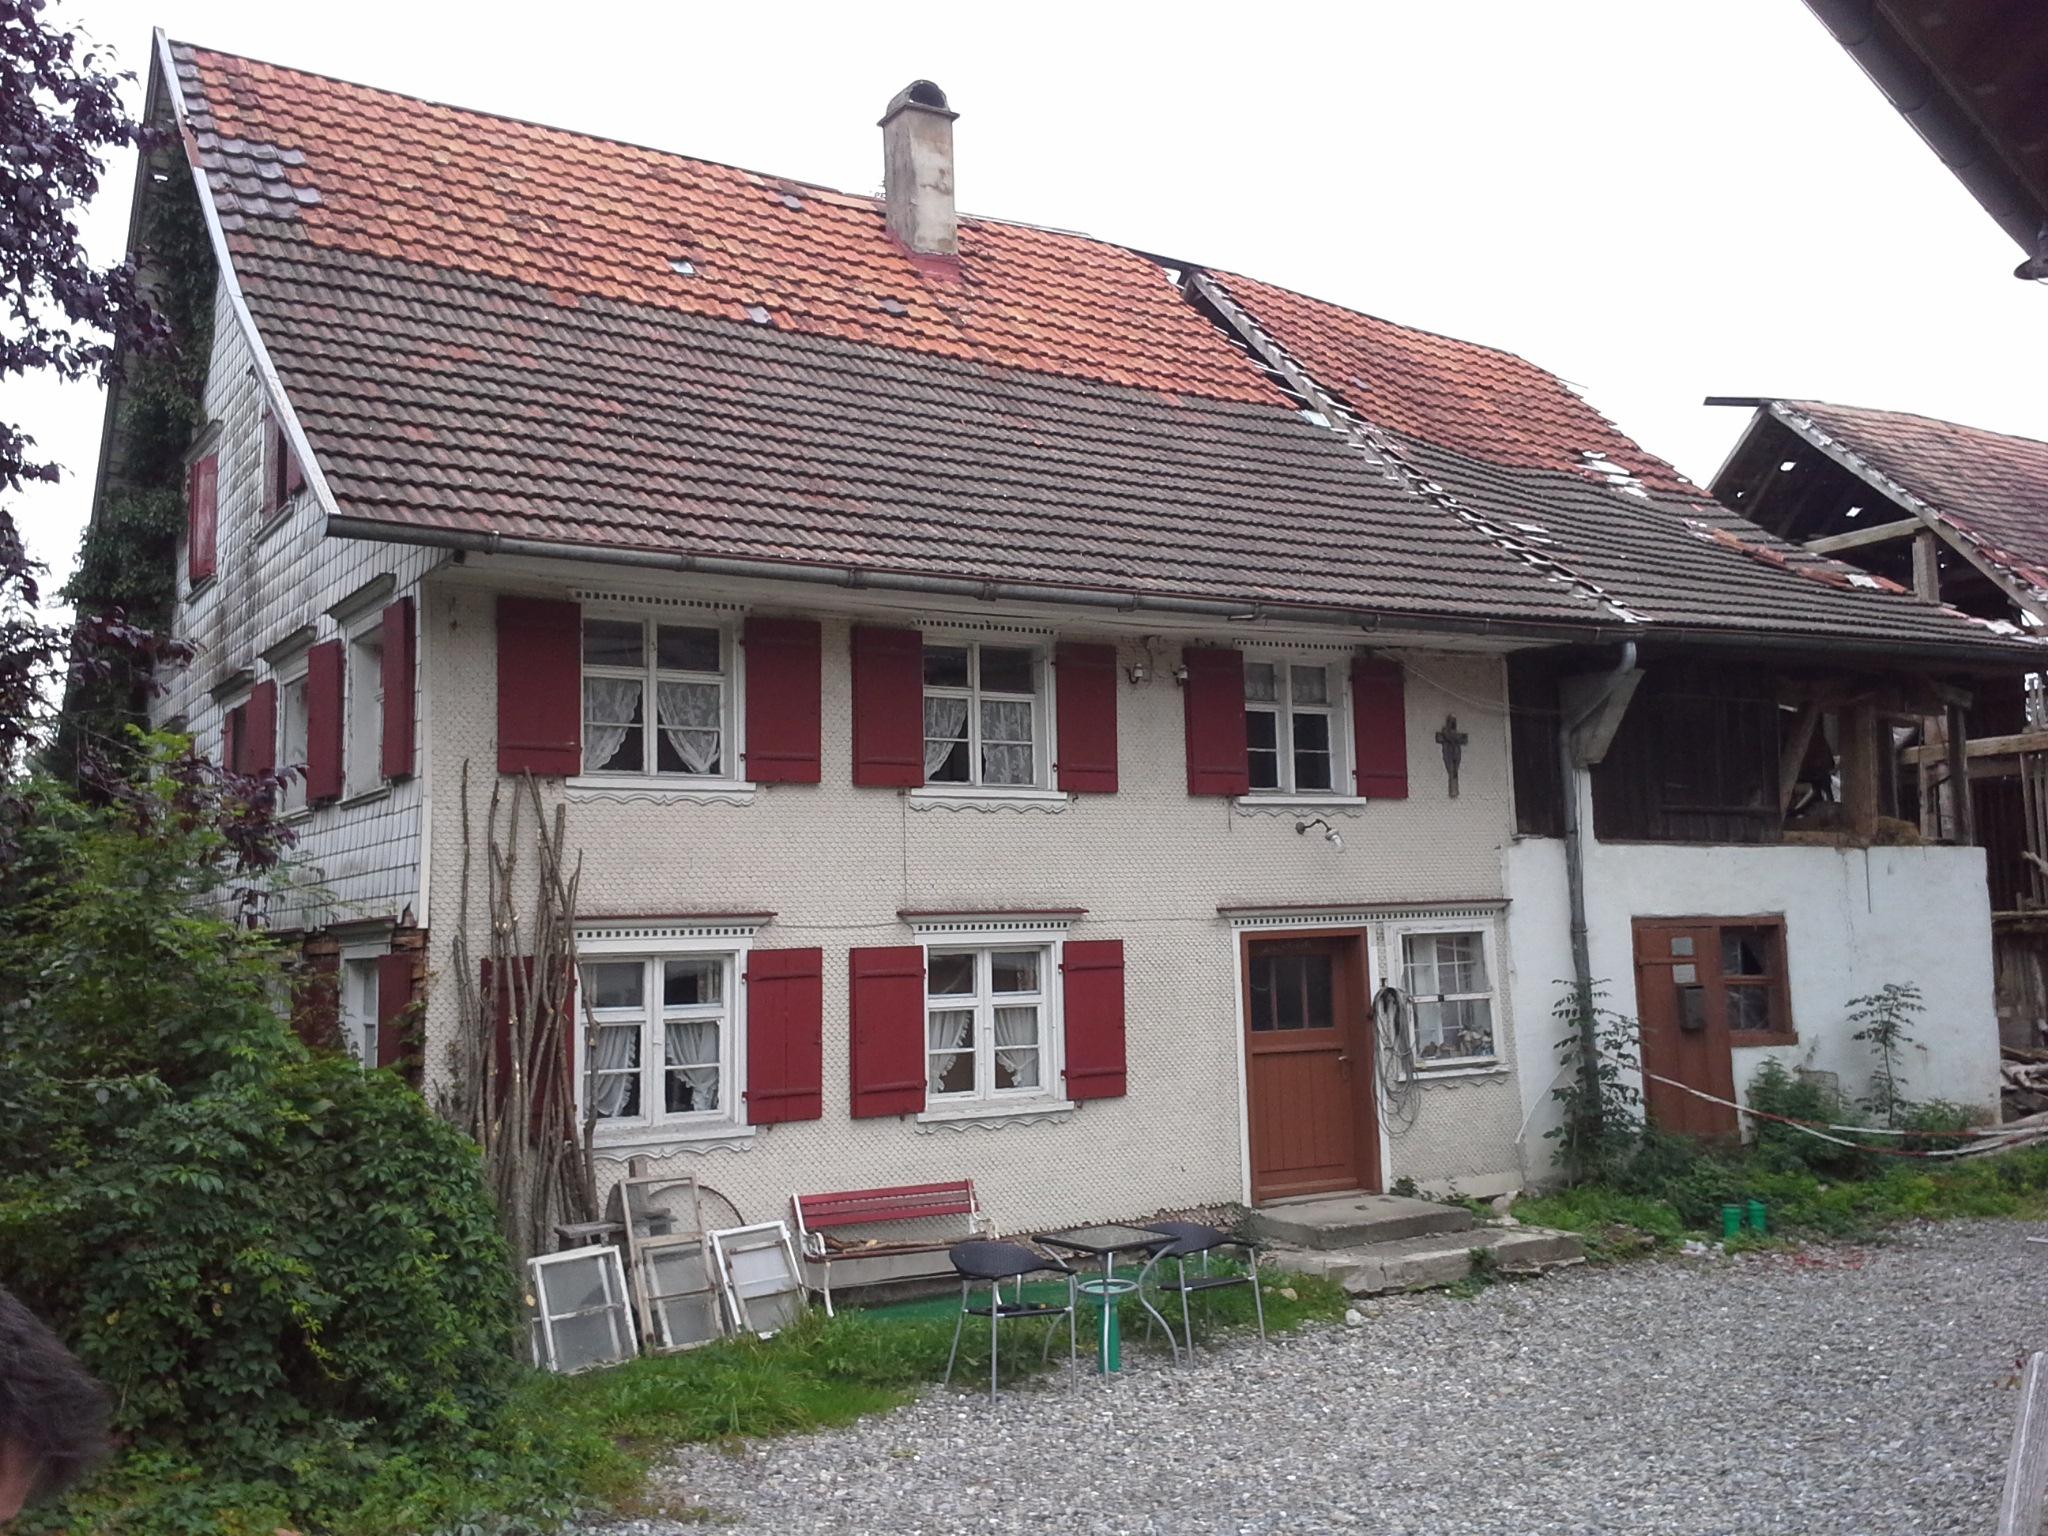 Bauphase, Sanierung Bauernhof in Niederstaufen